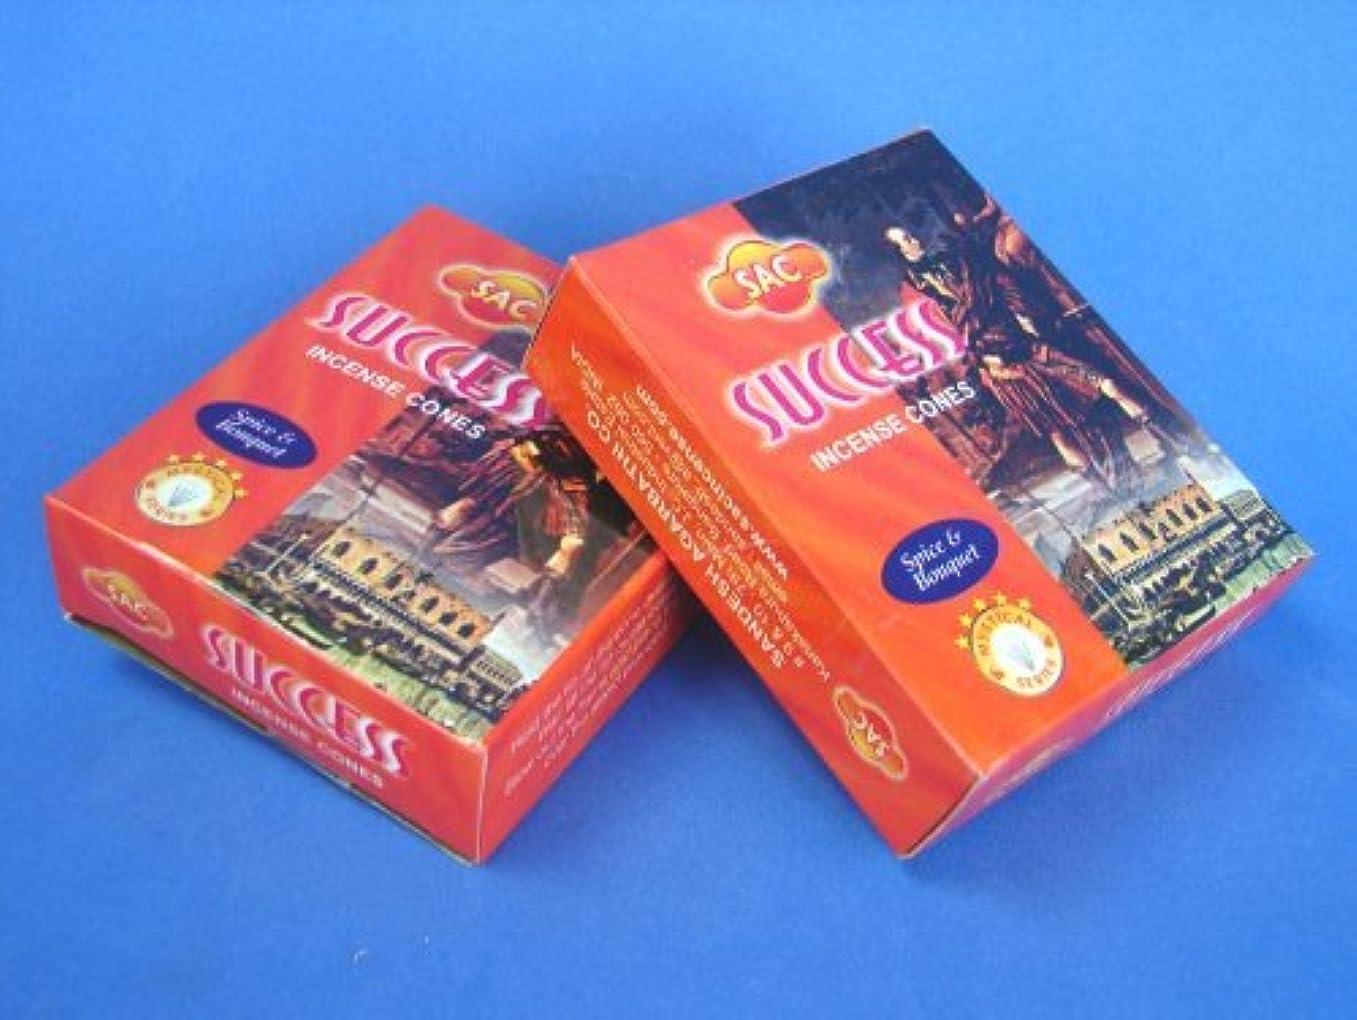 ハリウッドアイザックリビジョン2 Boxes of Sac Success Incense Cones